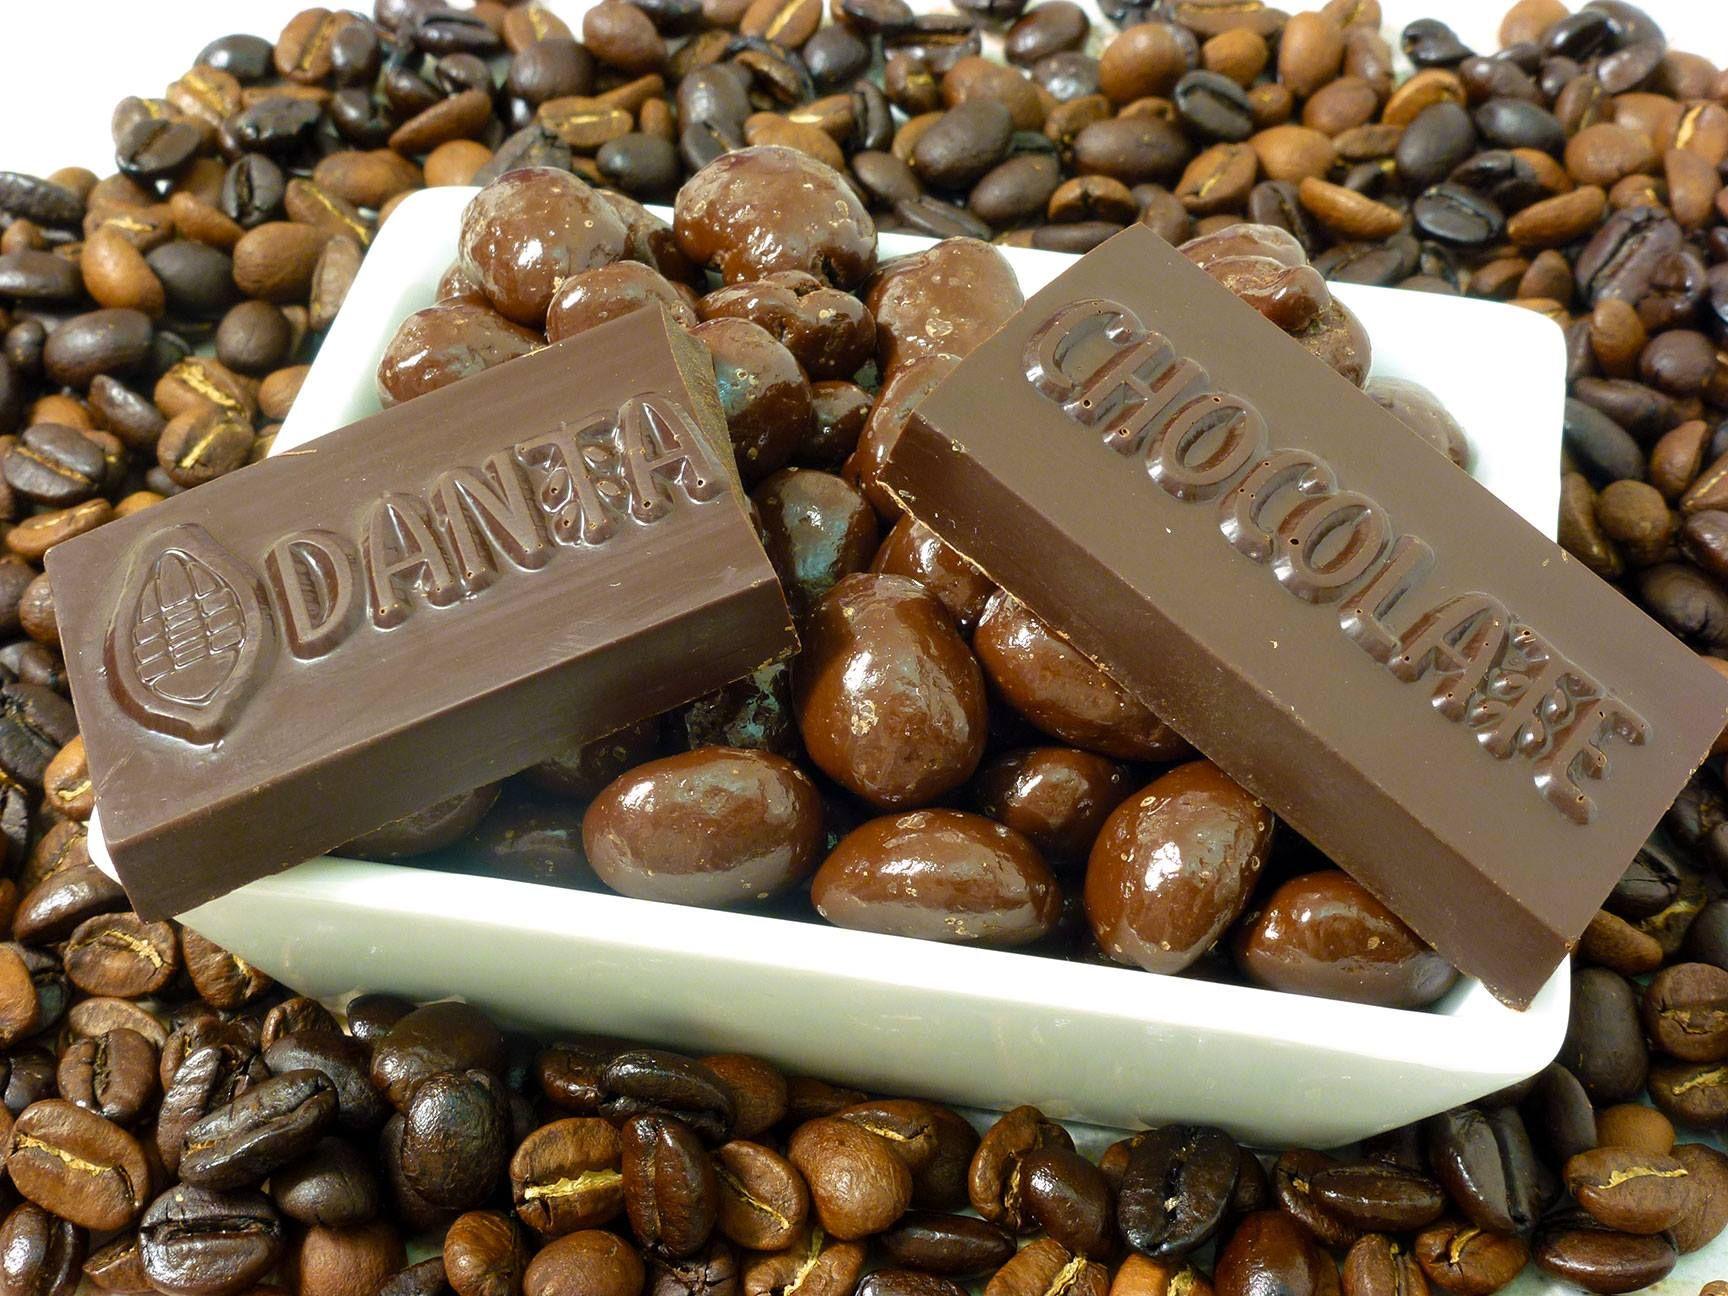 Granos de café cubiertos de chocolate. De la Finca El Injerto en Huehue, trajimos los increíbles granos Maragogype, conocidos por su balanceado sabor y enorme tamaño. Estos fabulosos granos los cubrimos con nuestro chocolate oscuro Danta 60% cacao.  #chocolate #guatemala